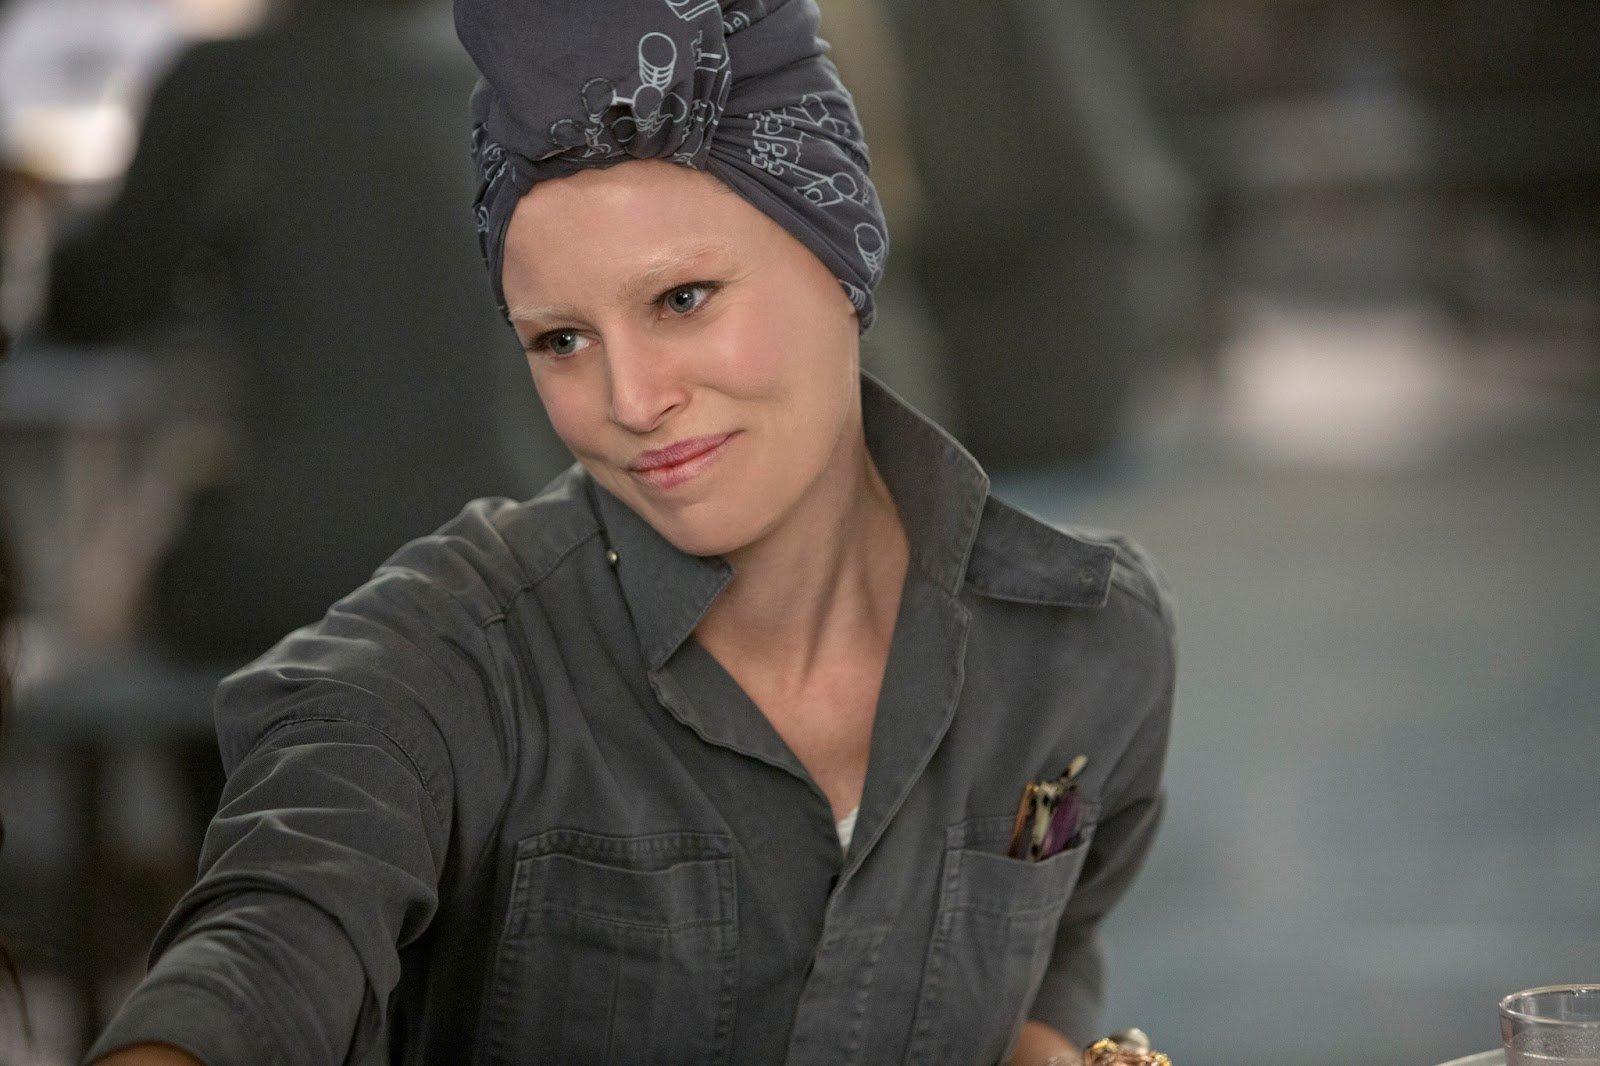 Effie1